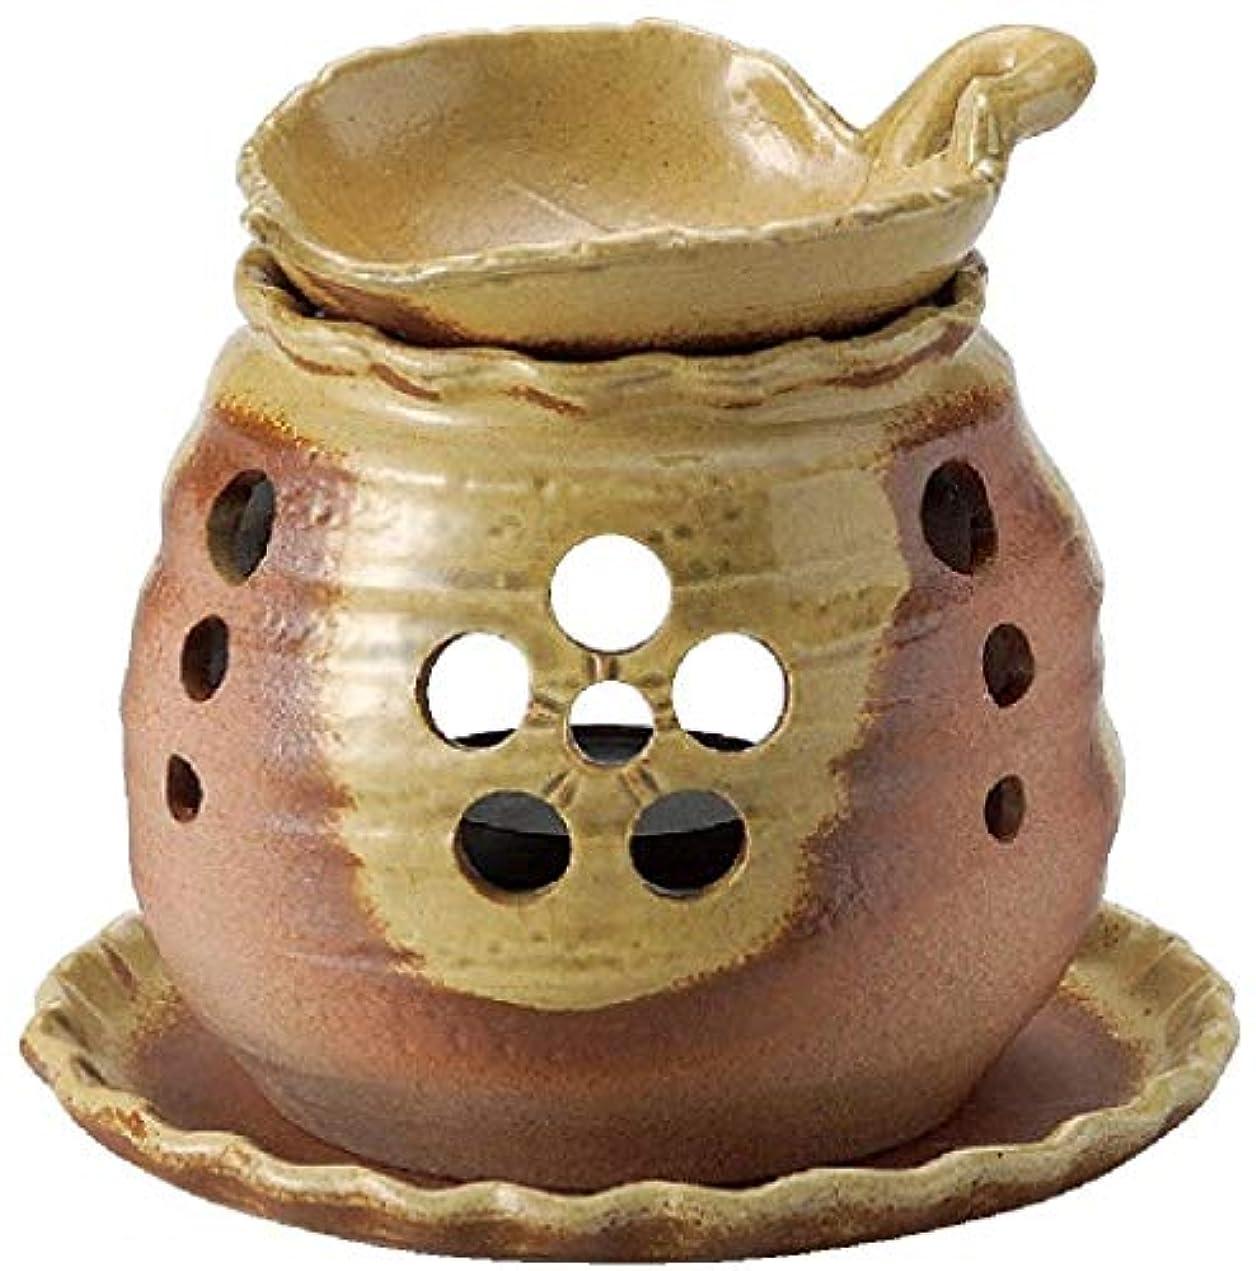 線カルシウムお世話になった常滑焼 7-228 遊土里黄灰釉木の葉茶香炉 遊土里φ10×H10.5㎝